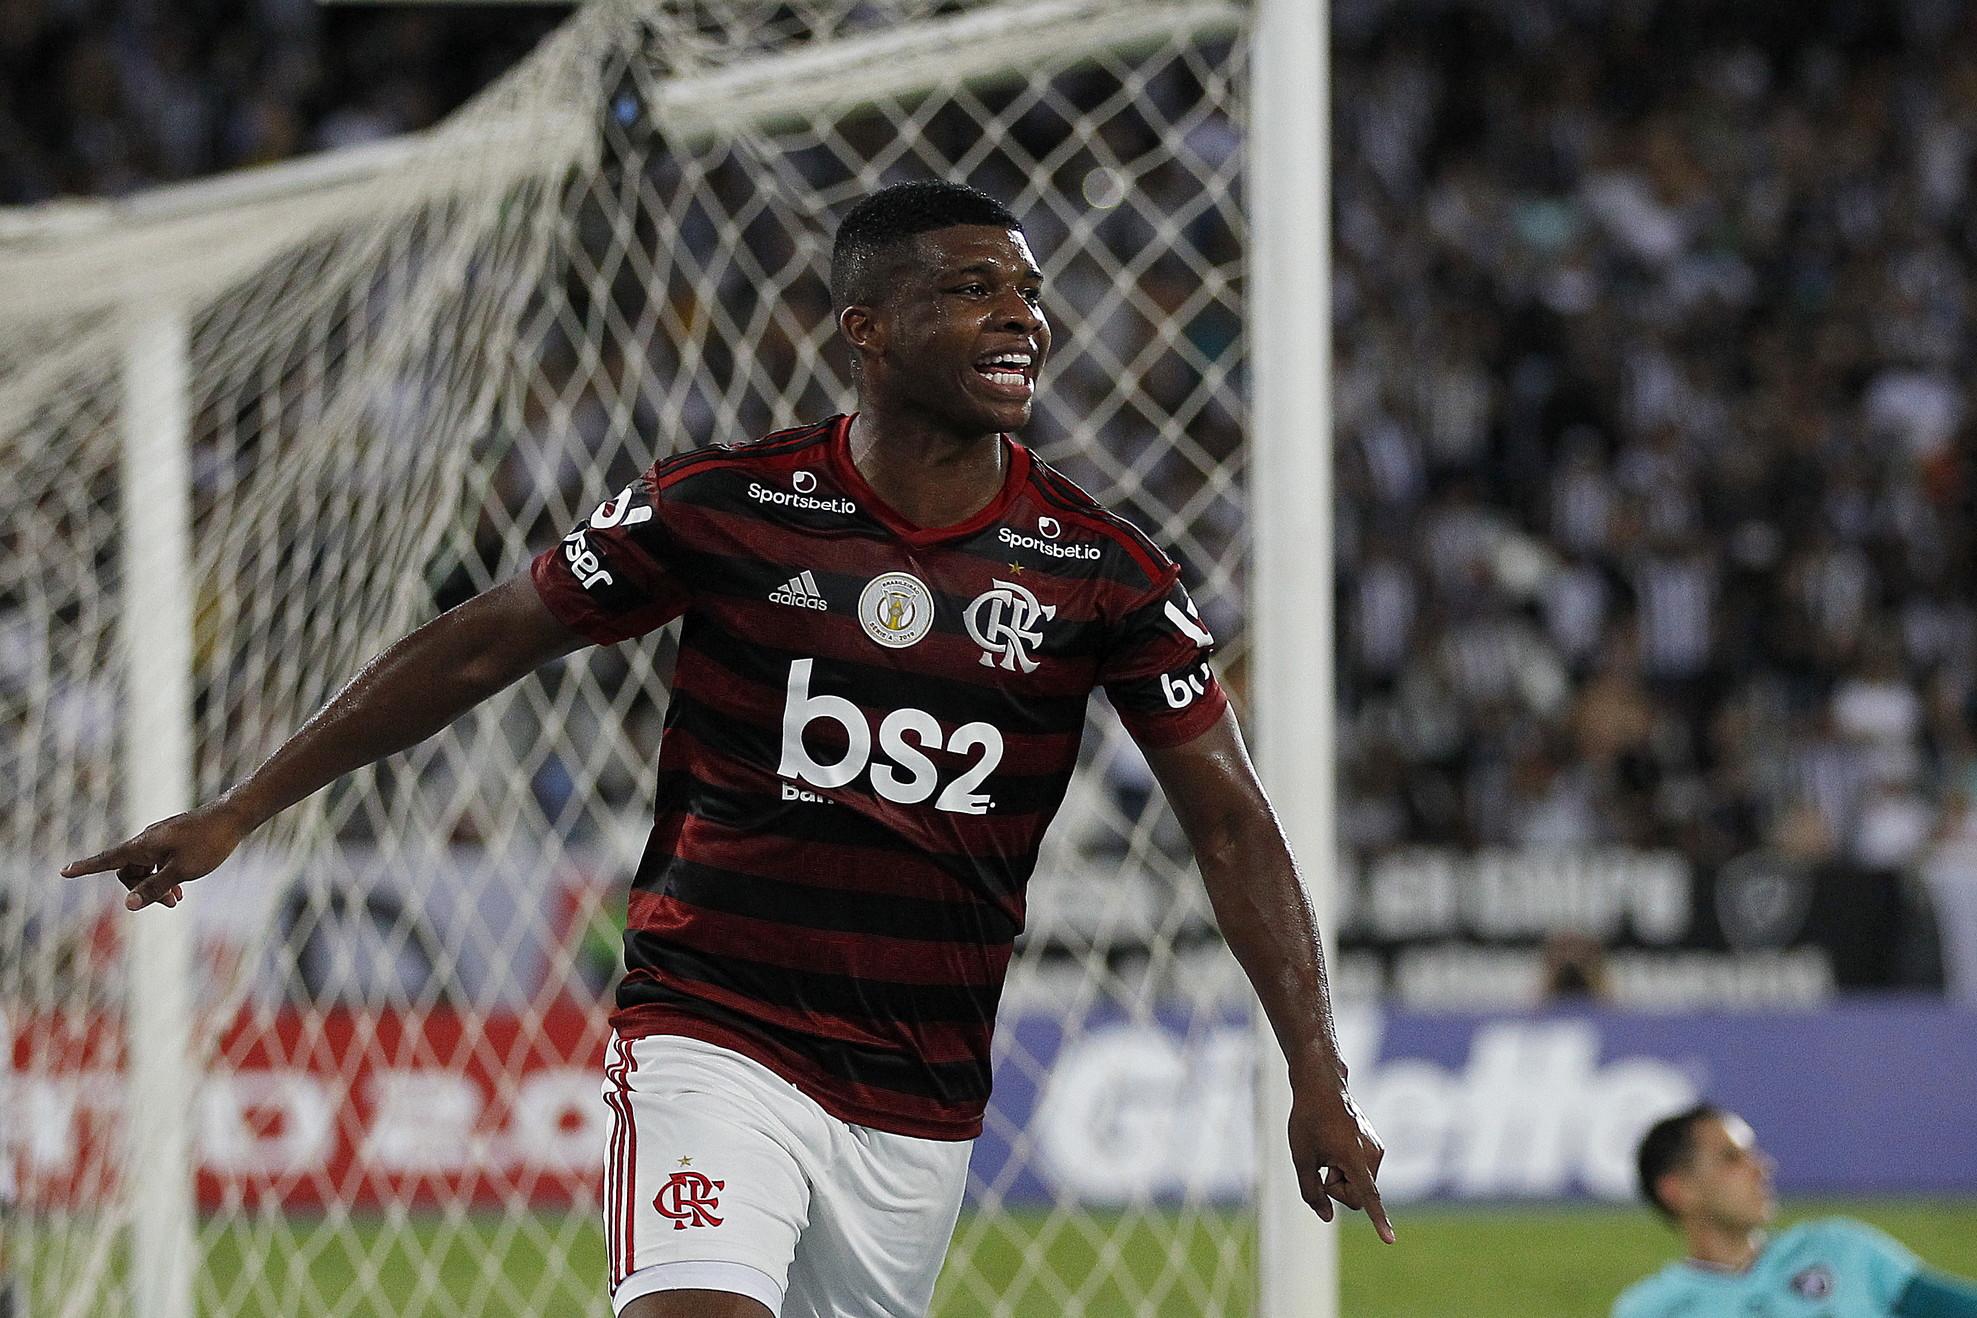 Lincoln (Flamengo): classe 2000, sulle orme di Vinicius JR, può occupare tutte le posizioni d'attacco